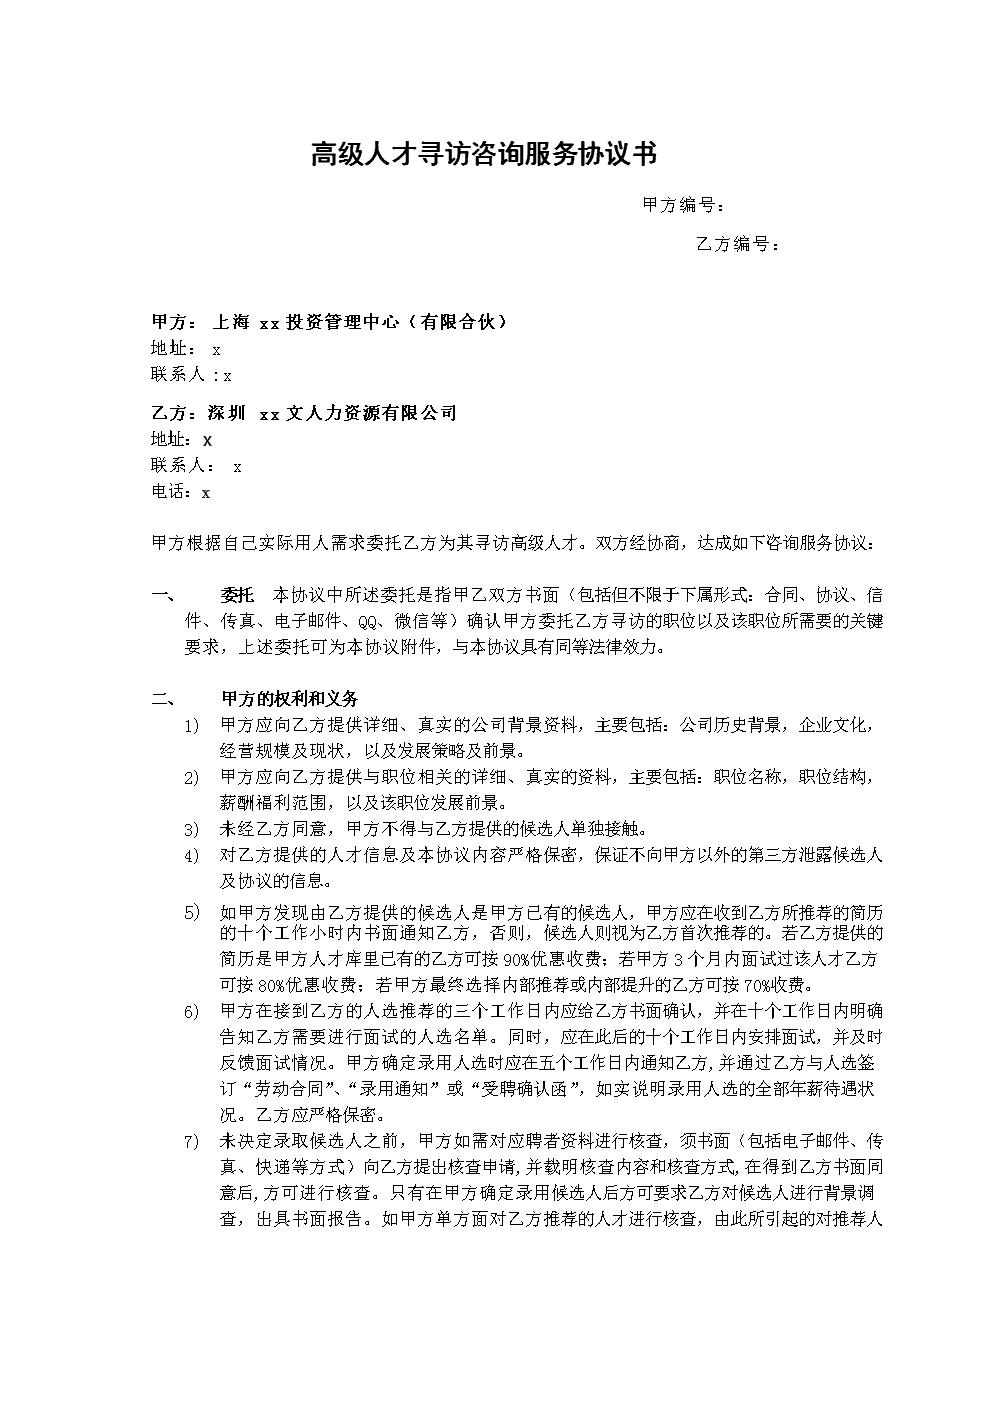 猎头人才寻访咨询服务协议.doc